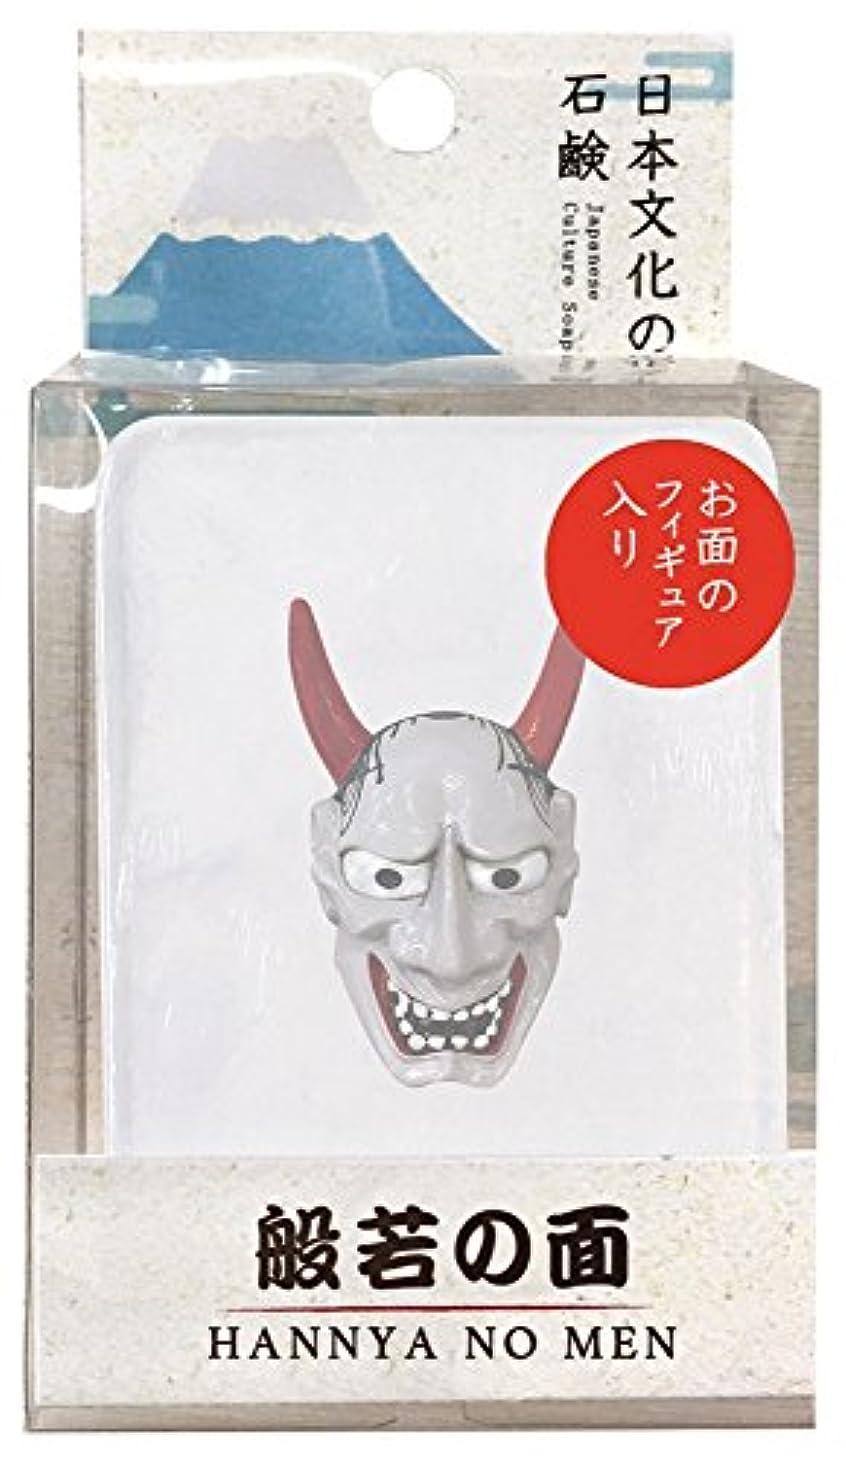 うそつきベンチ規制するノルコーポレーション 石鹸 日本文化の石鹸 般若の面 140g フィギュア付き OB-JCP-1-6